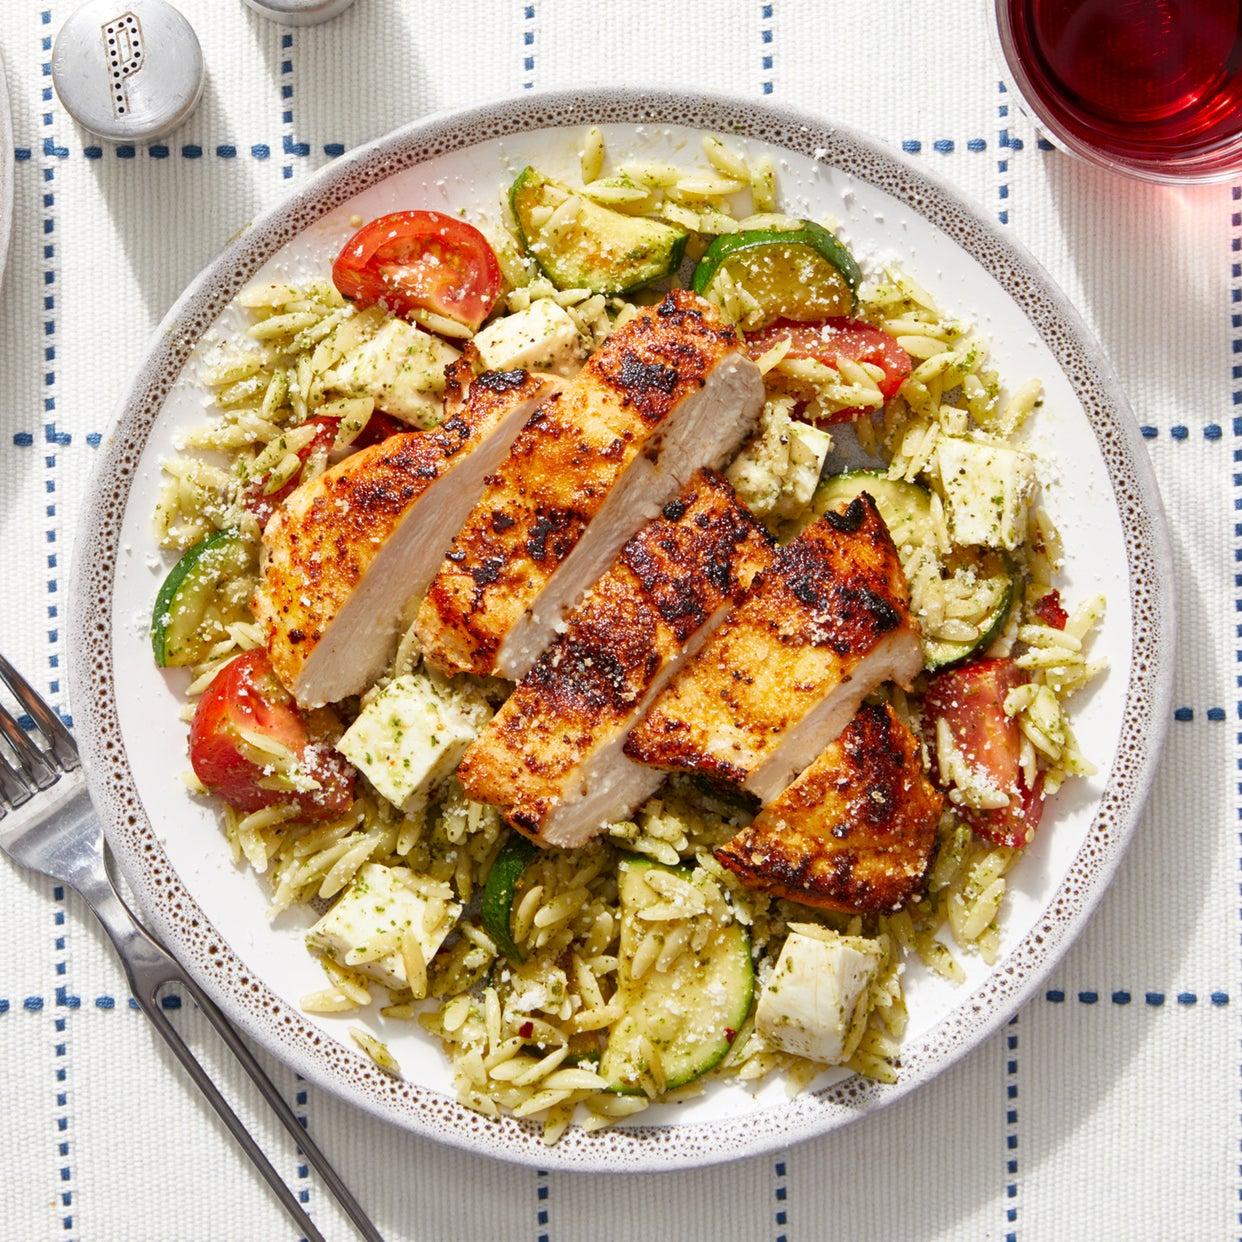 Seared Chicken over Orzo Pasta with Tomatoes,  Zucchini, & Basil Pesto